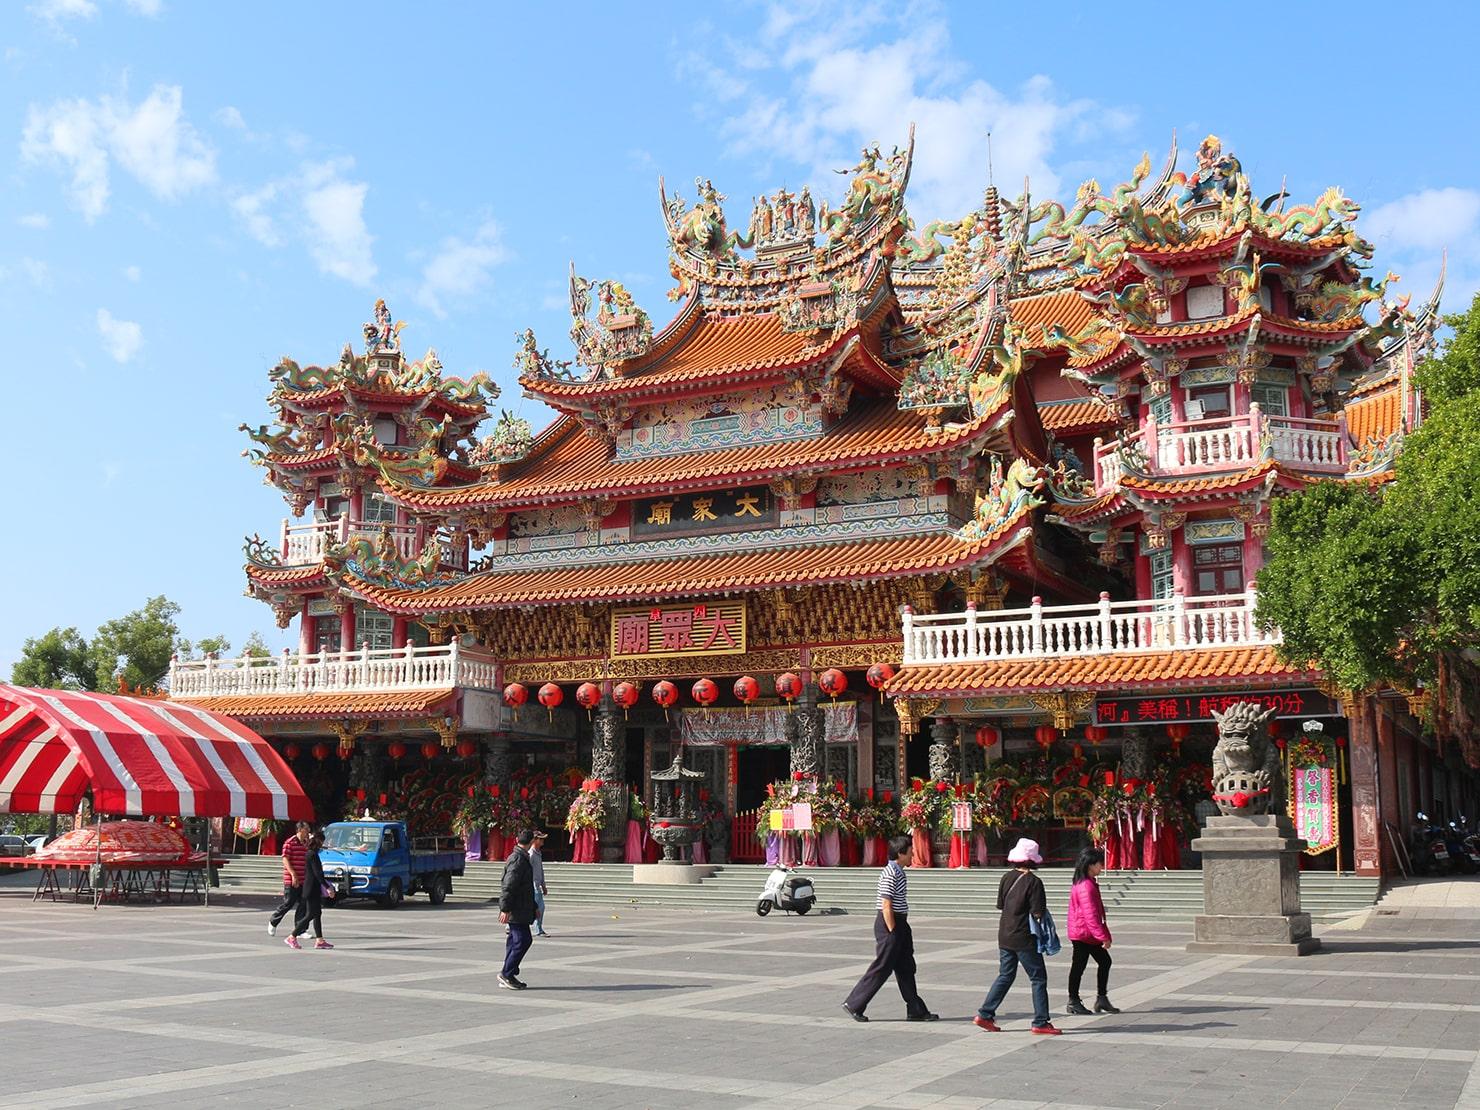 台南市街郊外のおすすめ観光スポット「四草大眾廟」